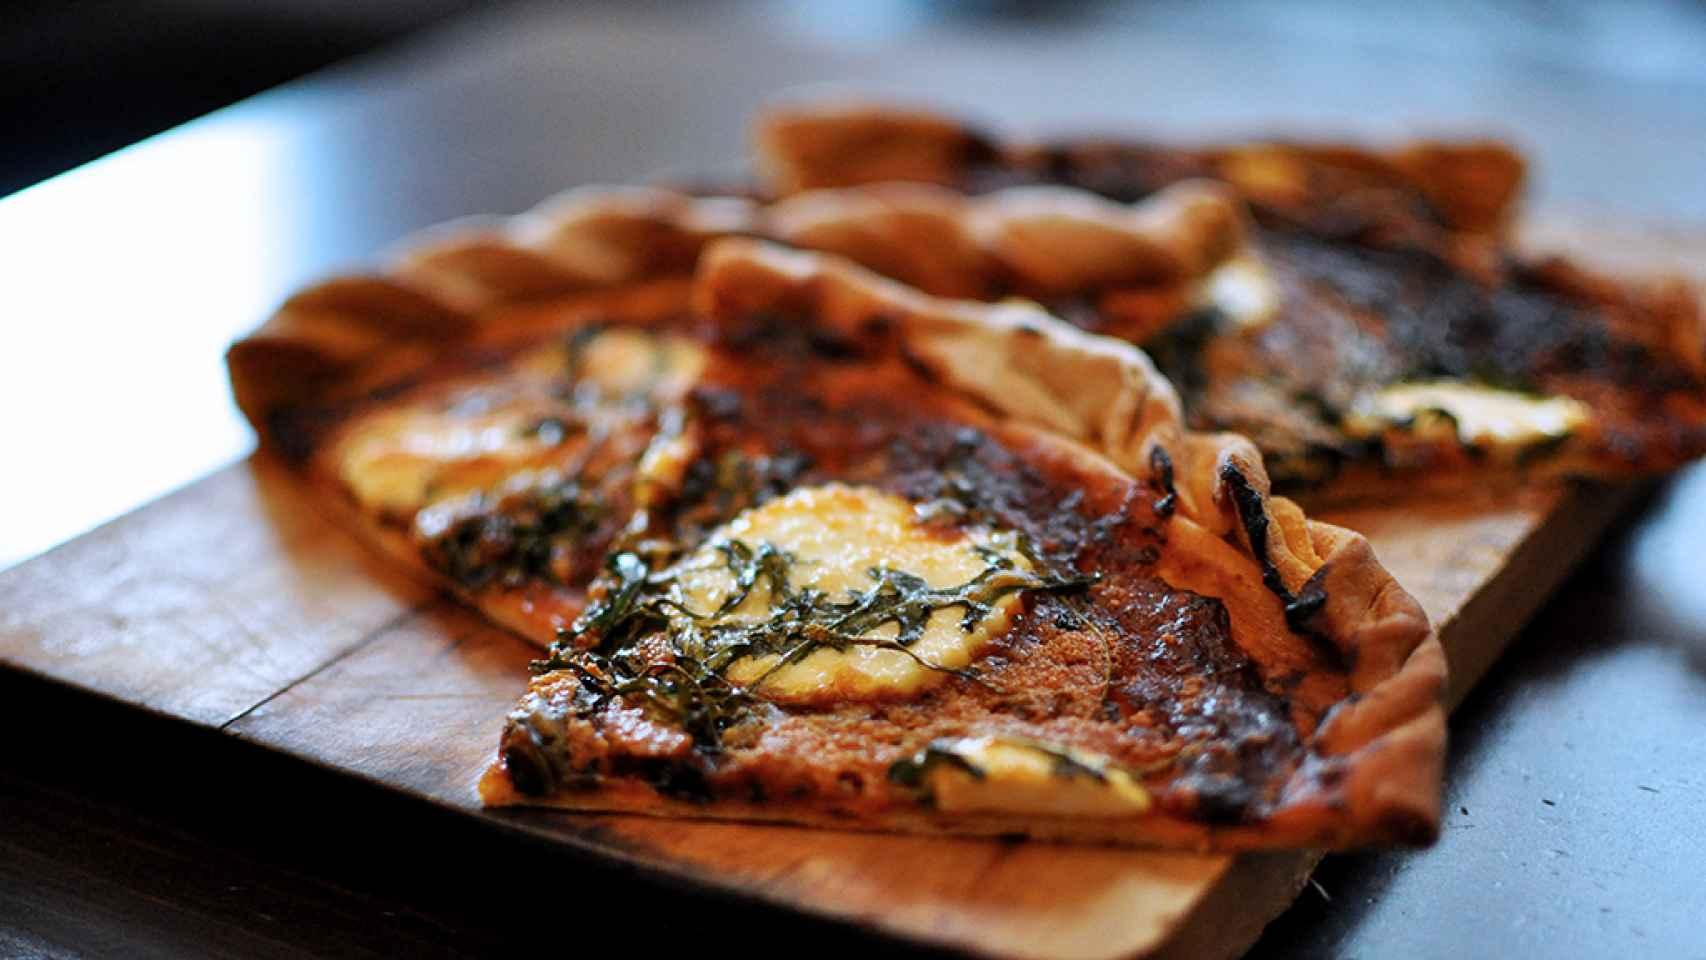 pizza-queso-burgos-rucula-01